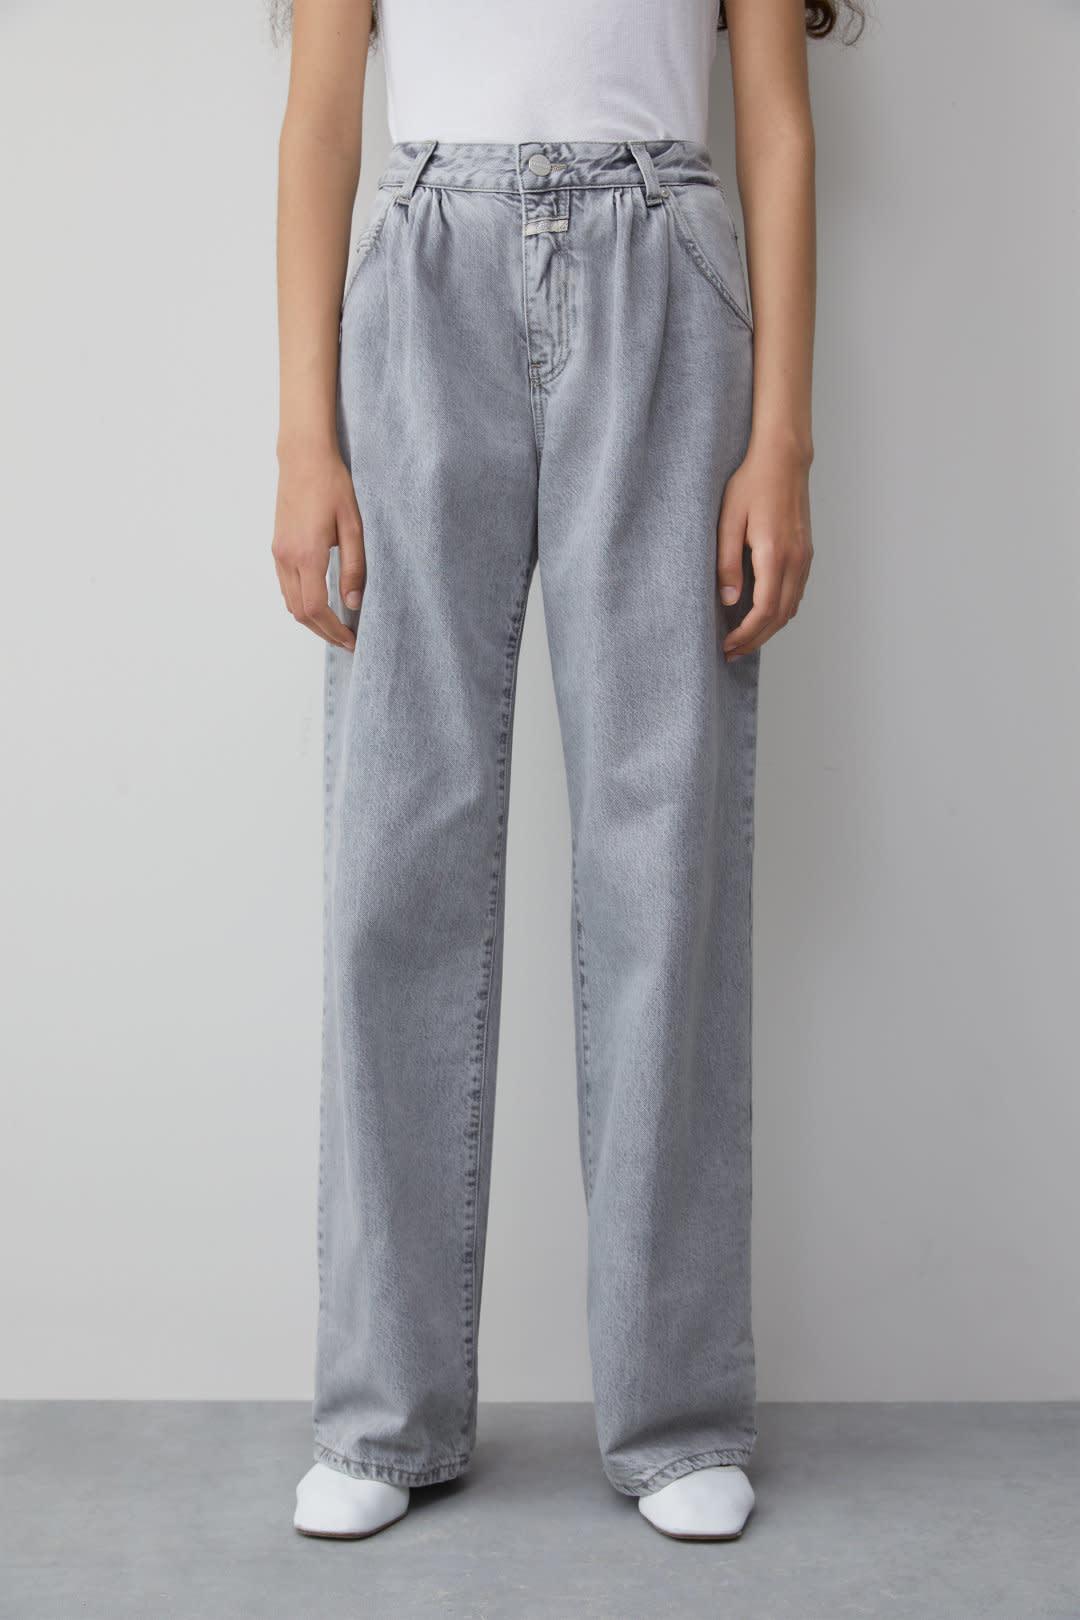 nollin mid grey c91893-1